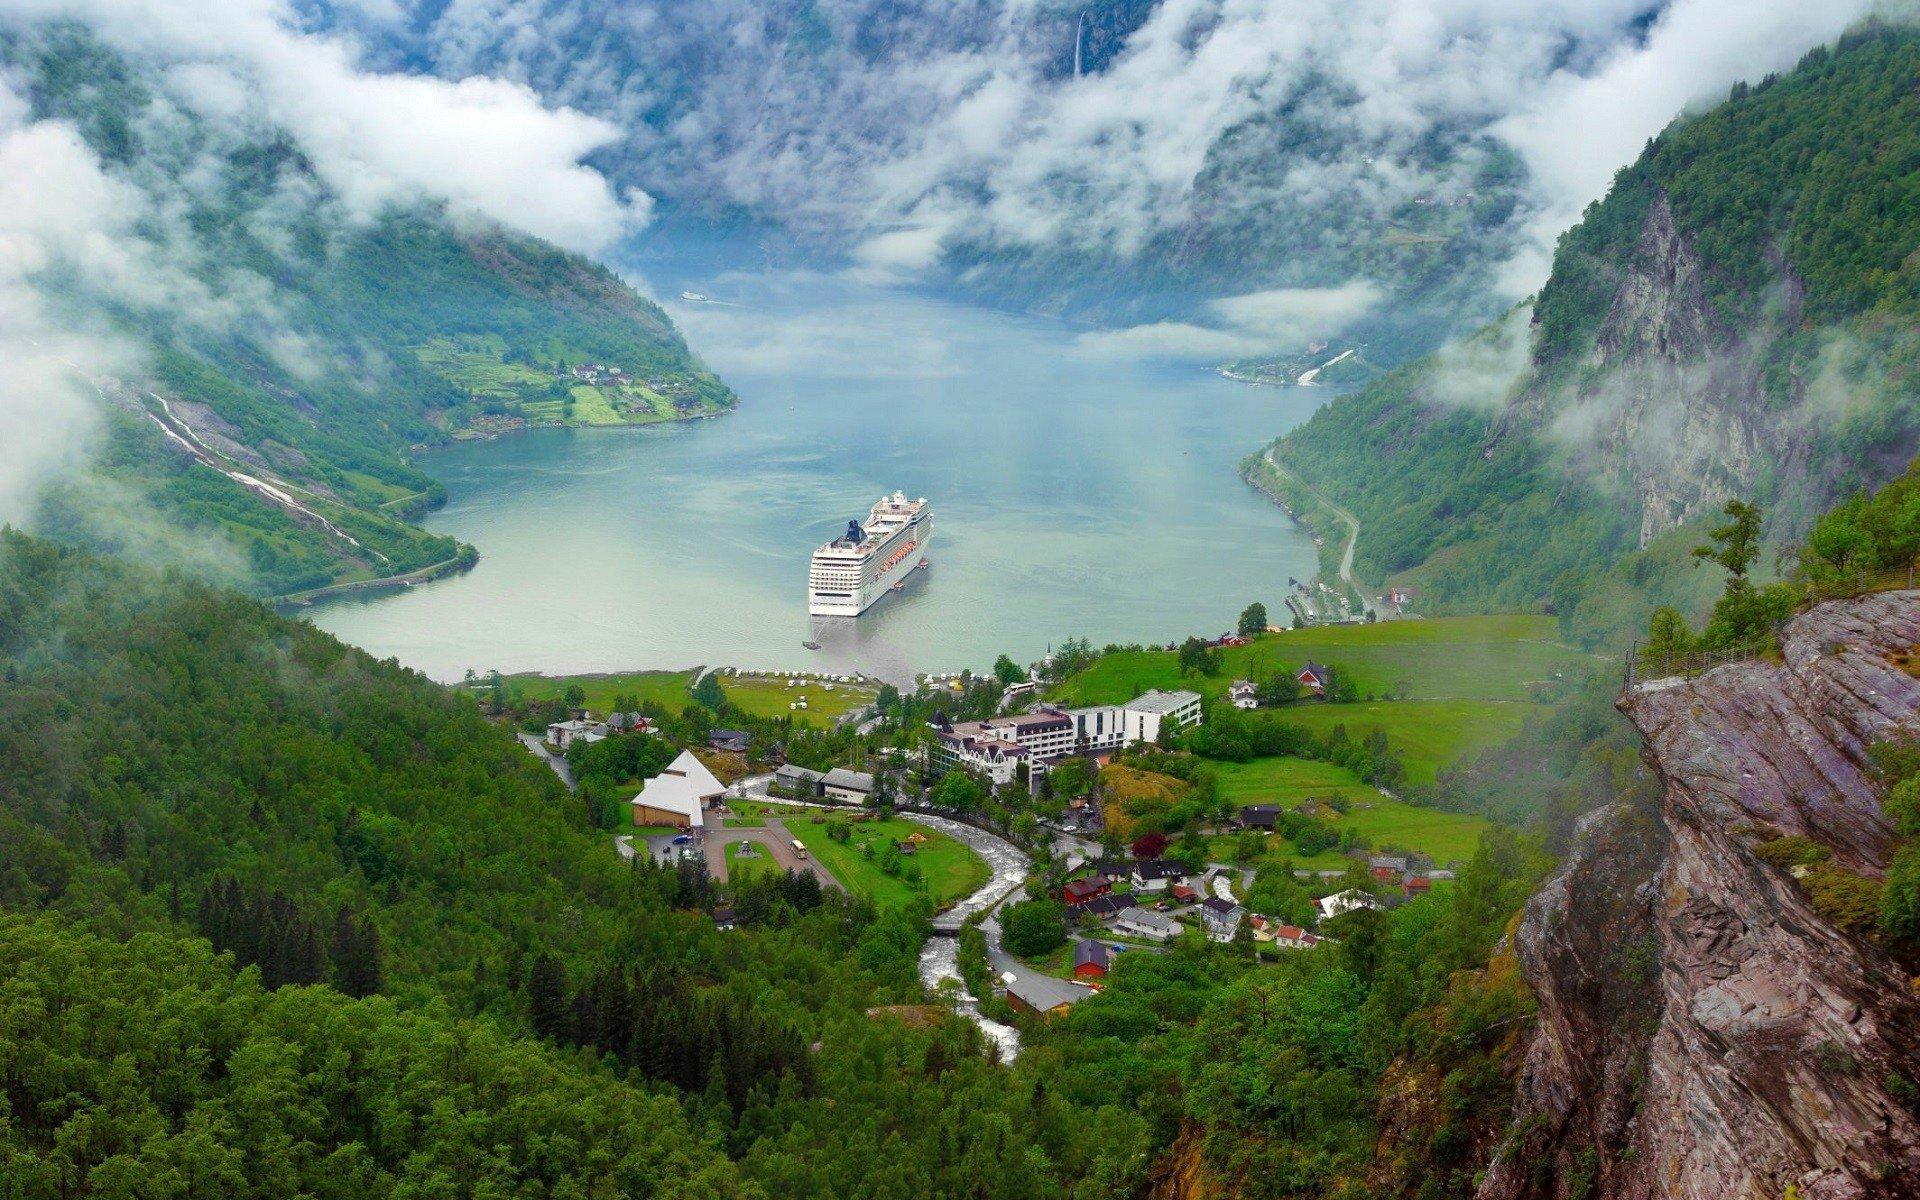 Foret norvege